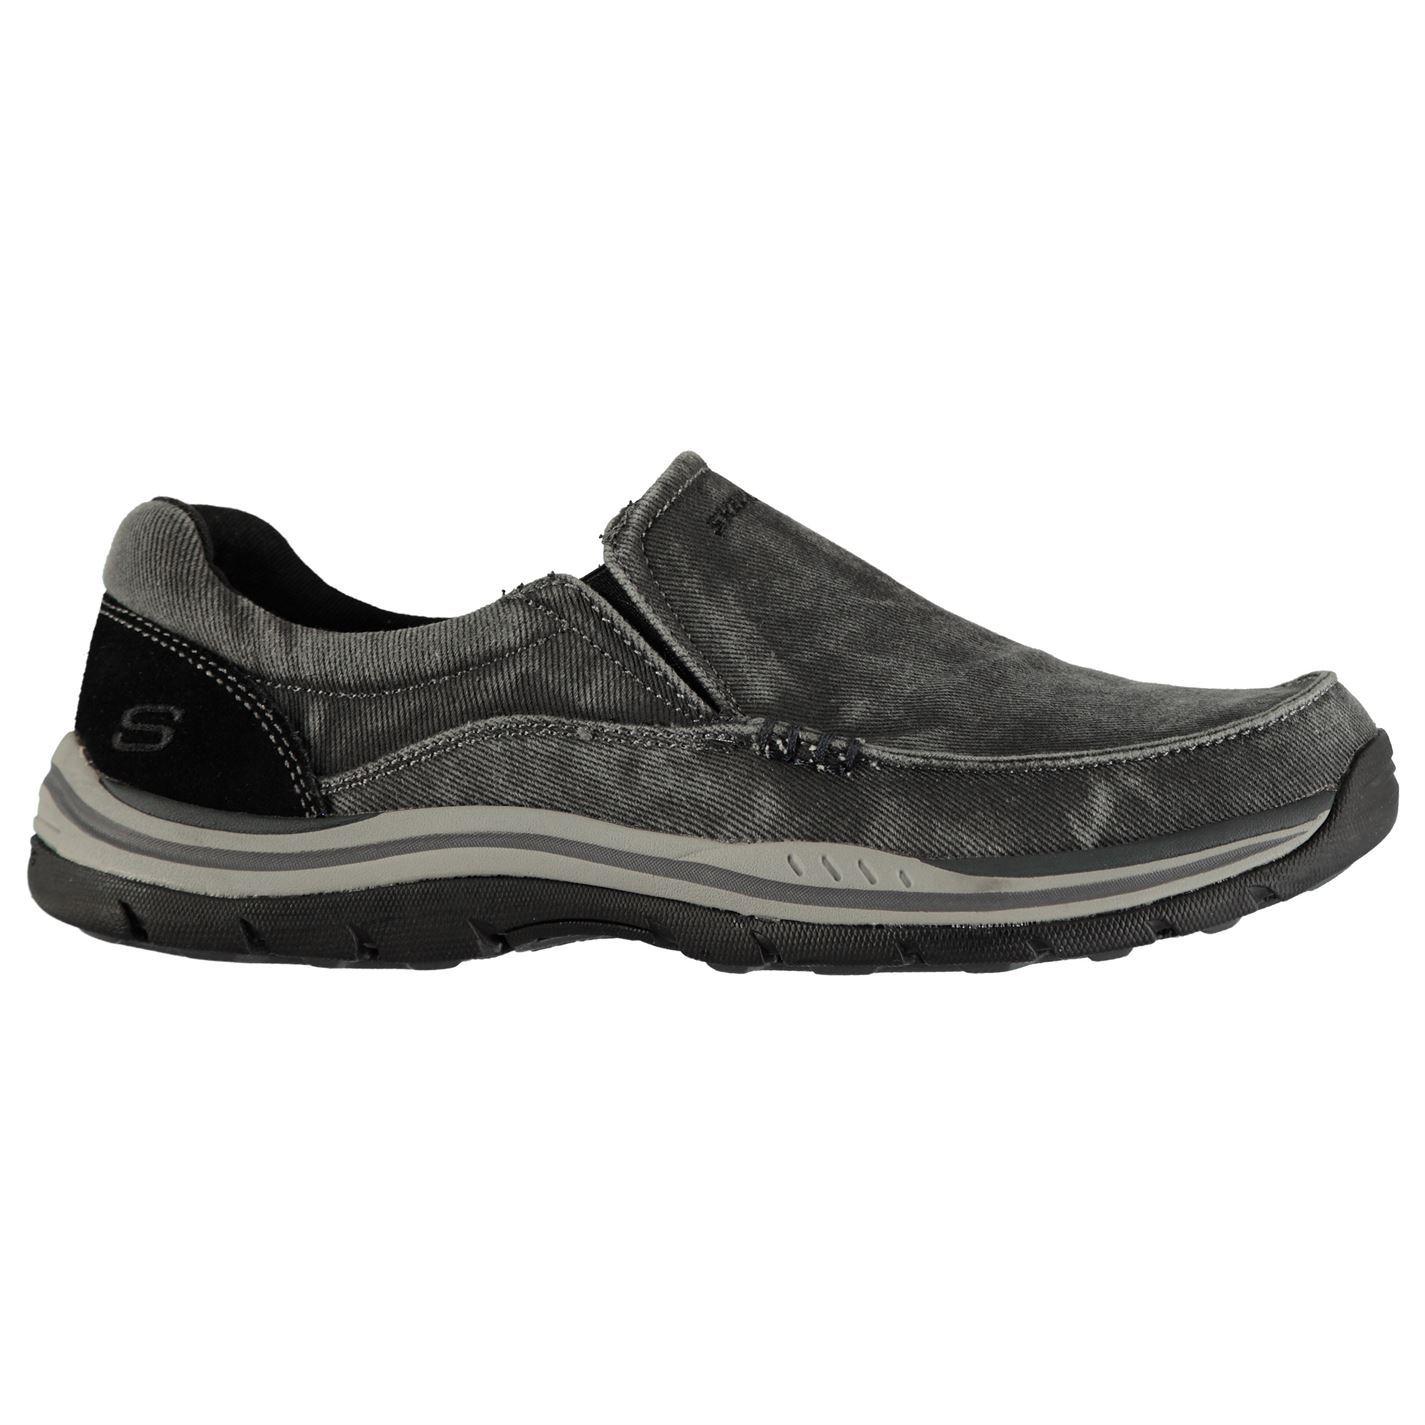 Décontractées Hommes Skechers Chaussures Avillo Attendu Baskets CqatR